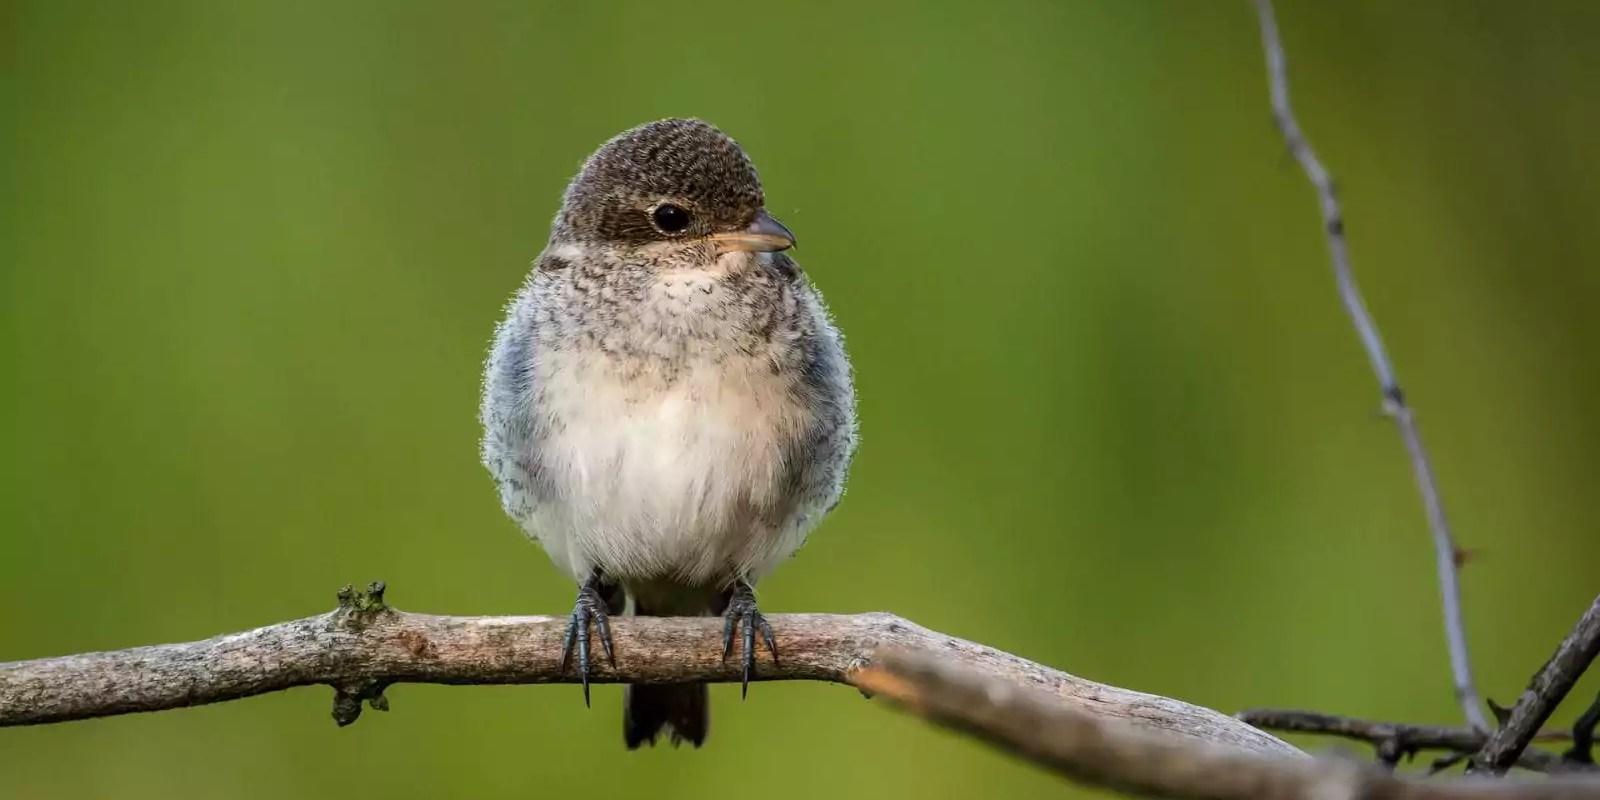 En Alsace, les populations d'oiseaux en déclin de 26 à 100% selon les espèces